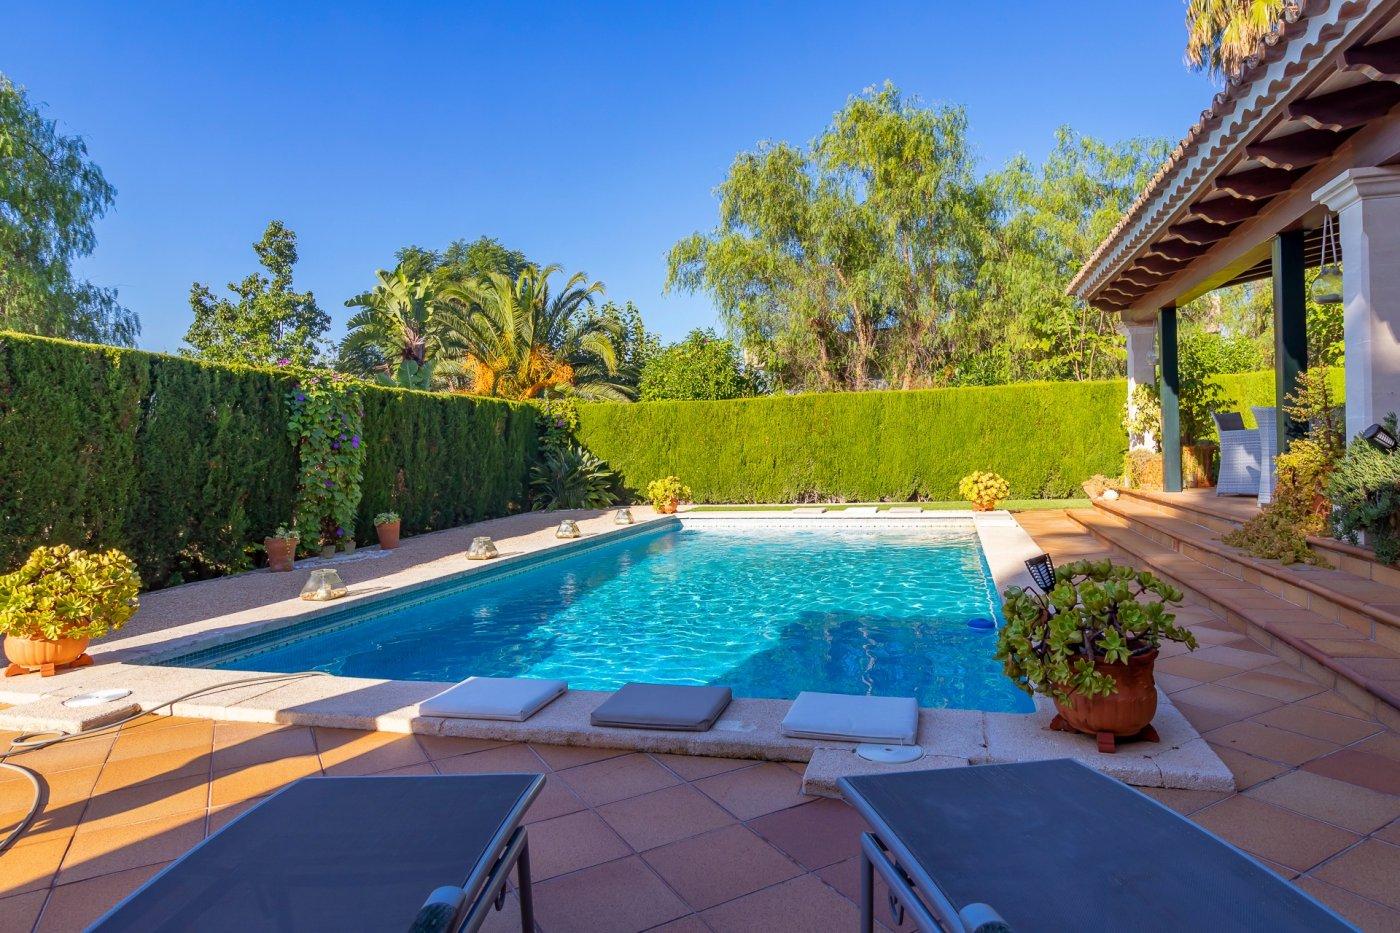 MagnÍfico chalet con piscina en sa cabaneta, marratxi - imagenInmueble7